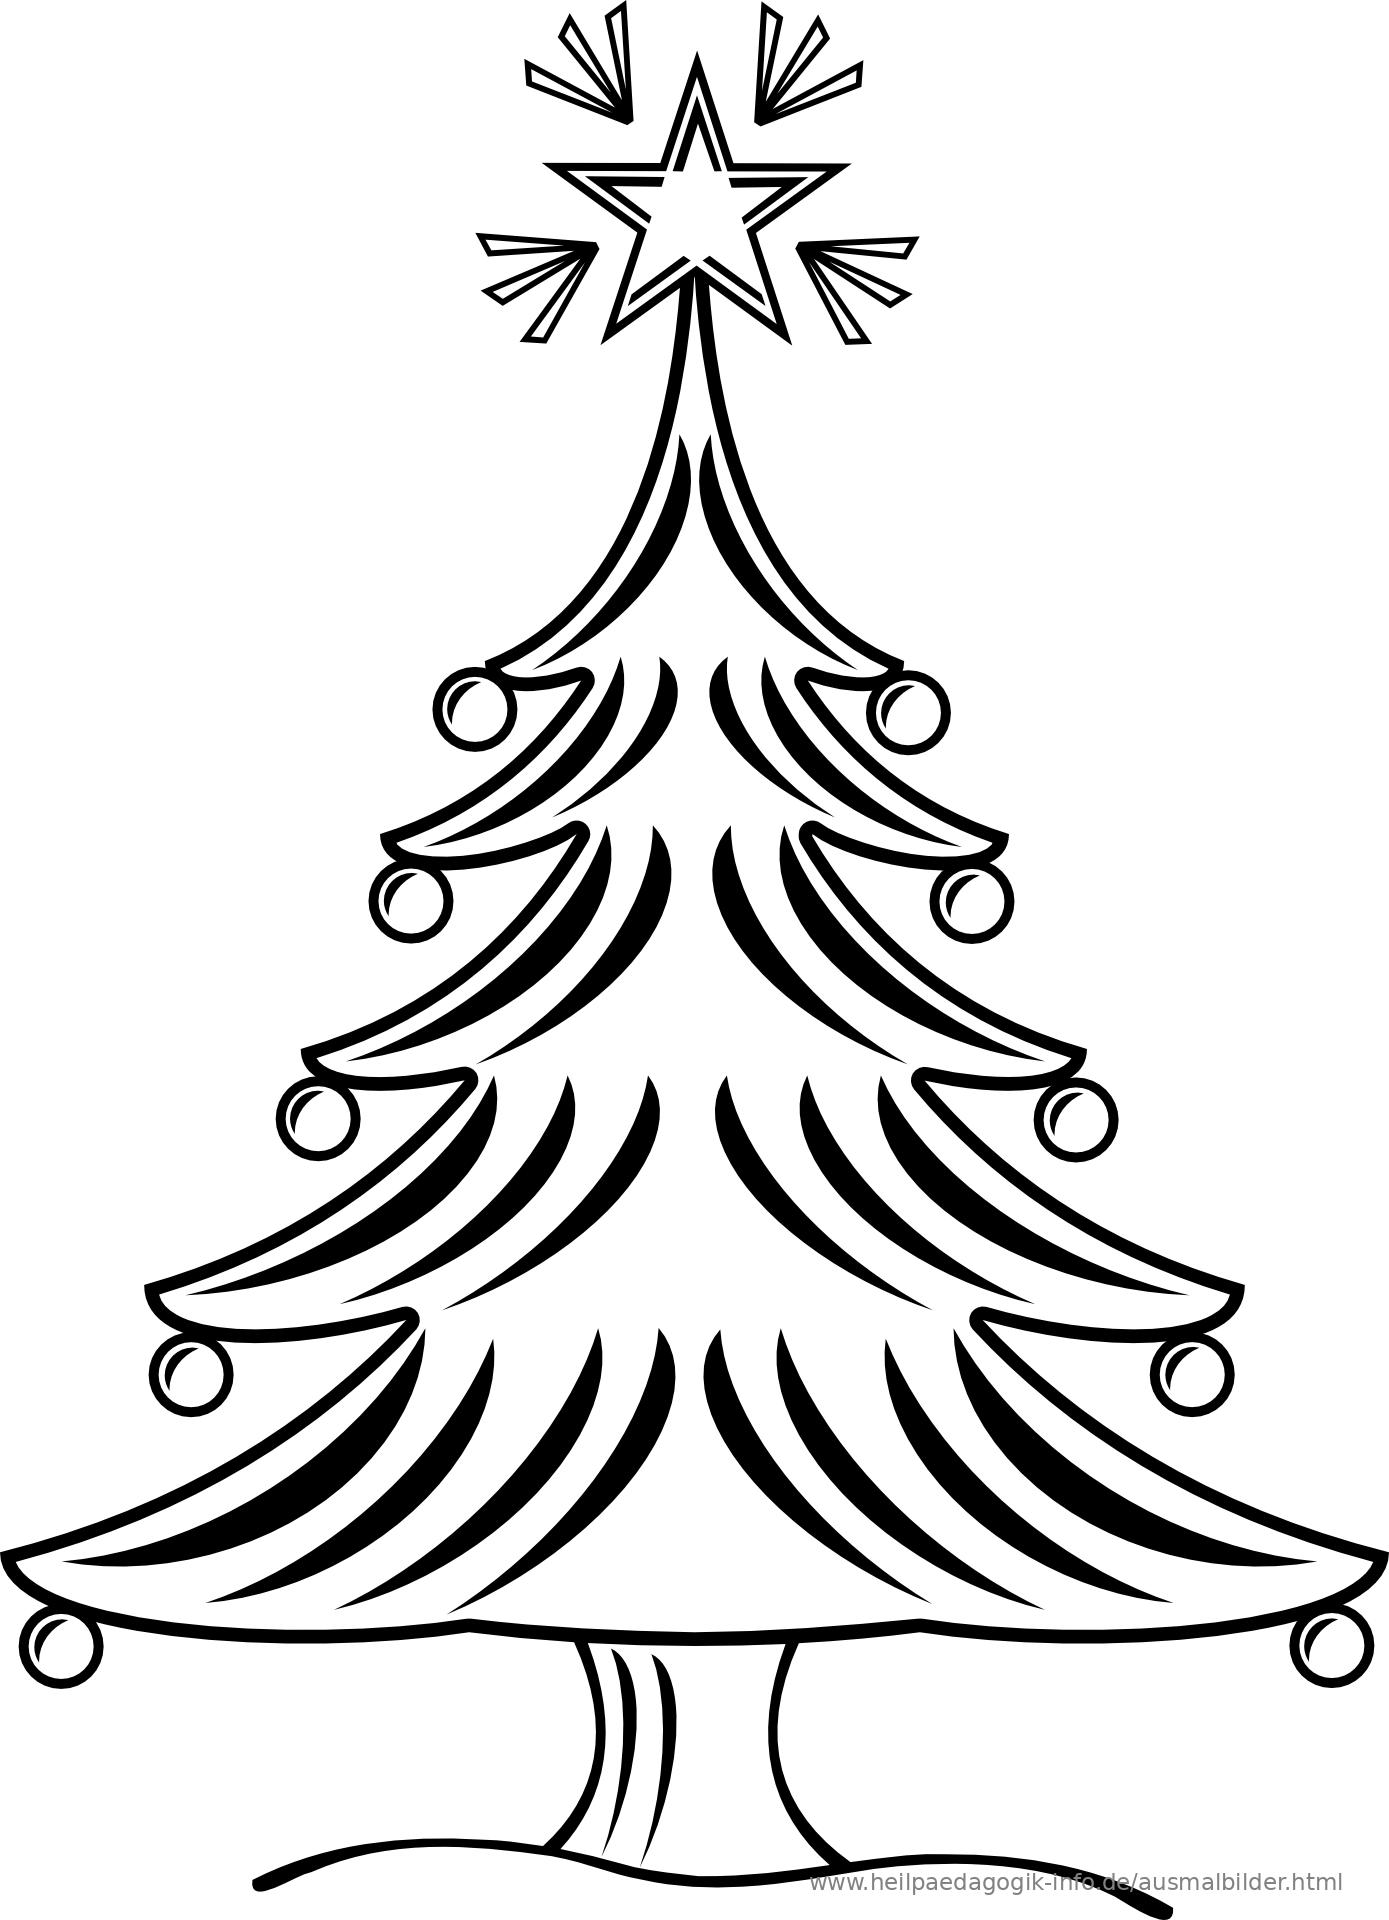 8 Weihnachtsbäume Zum Ausmalen - Besten Bilder von ausmalbilder